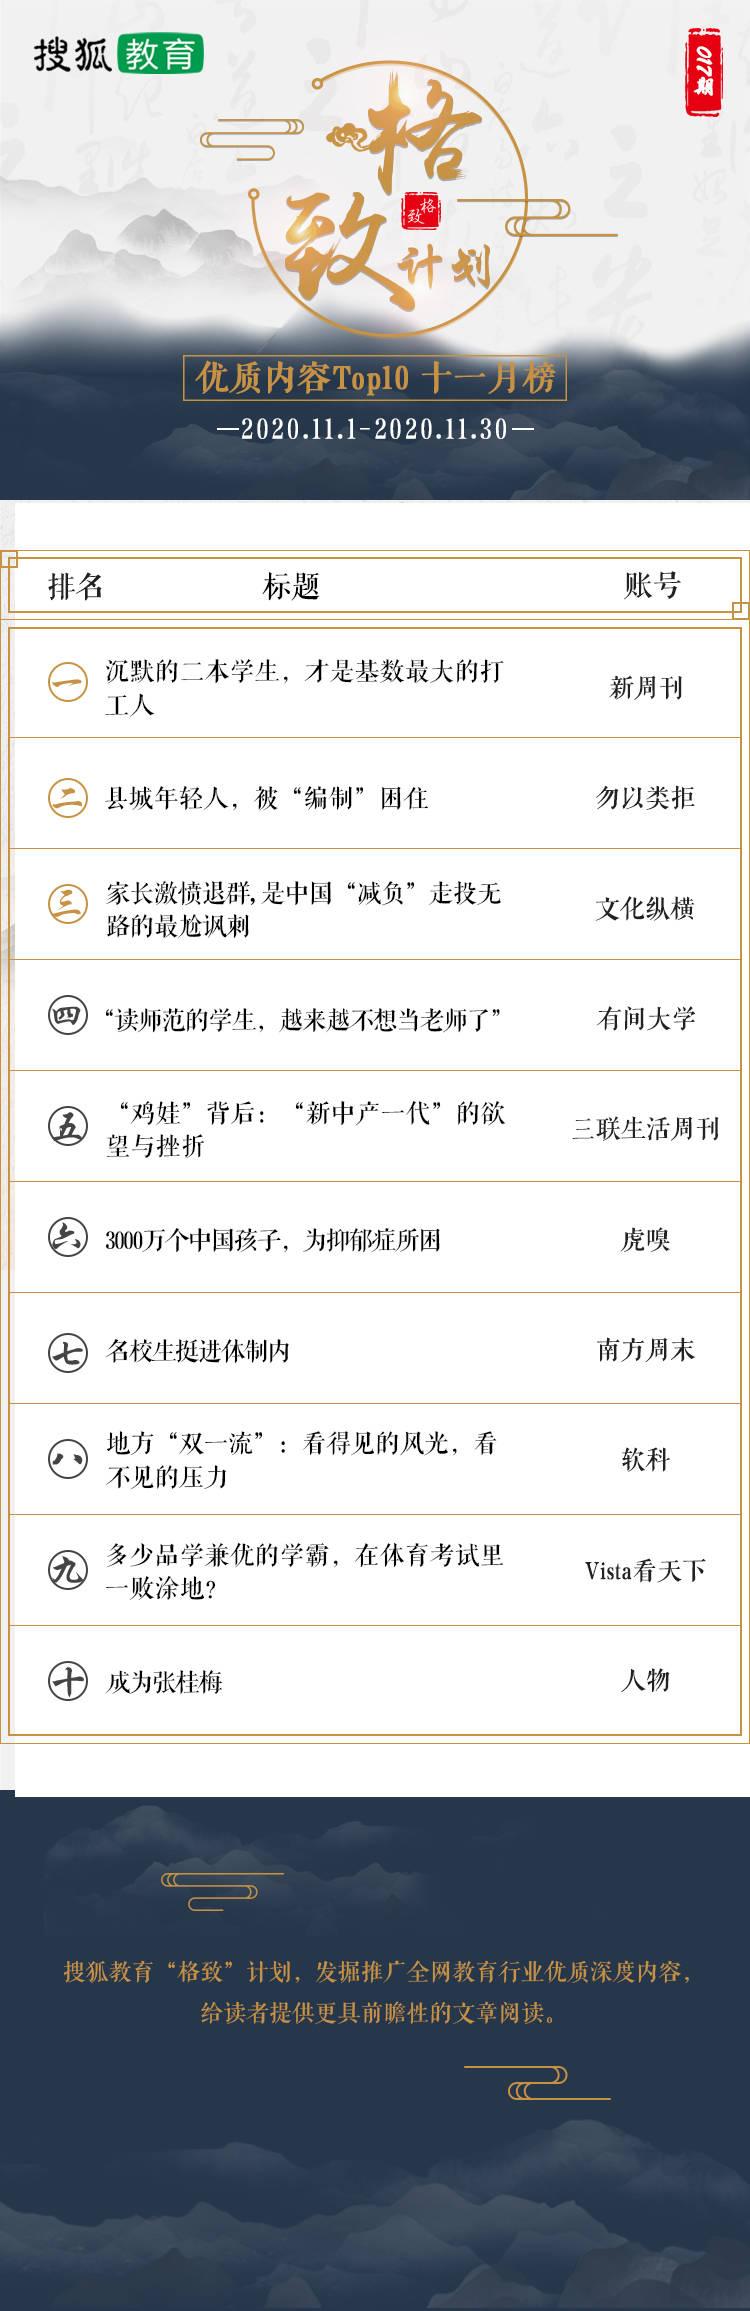 """原创 11月哪些文章受关注?搜狐教育""""格致""""计划11月Top10内容榜发布"""